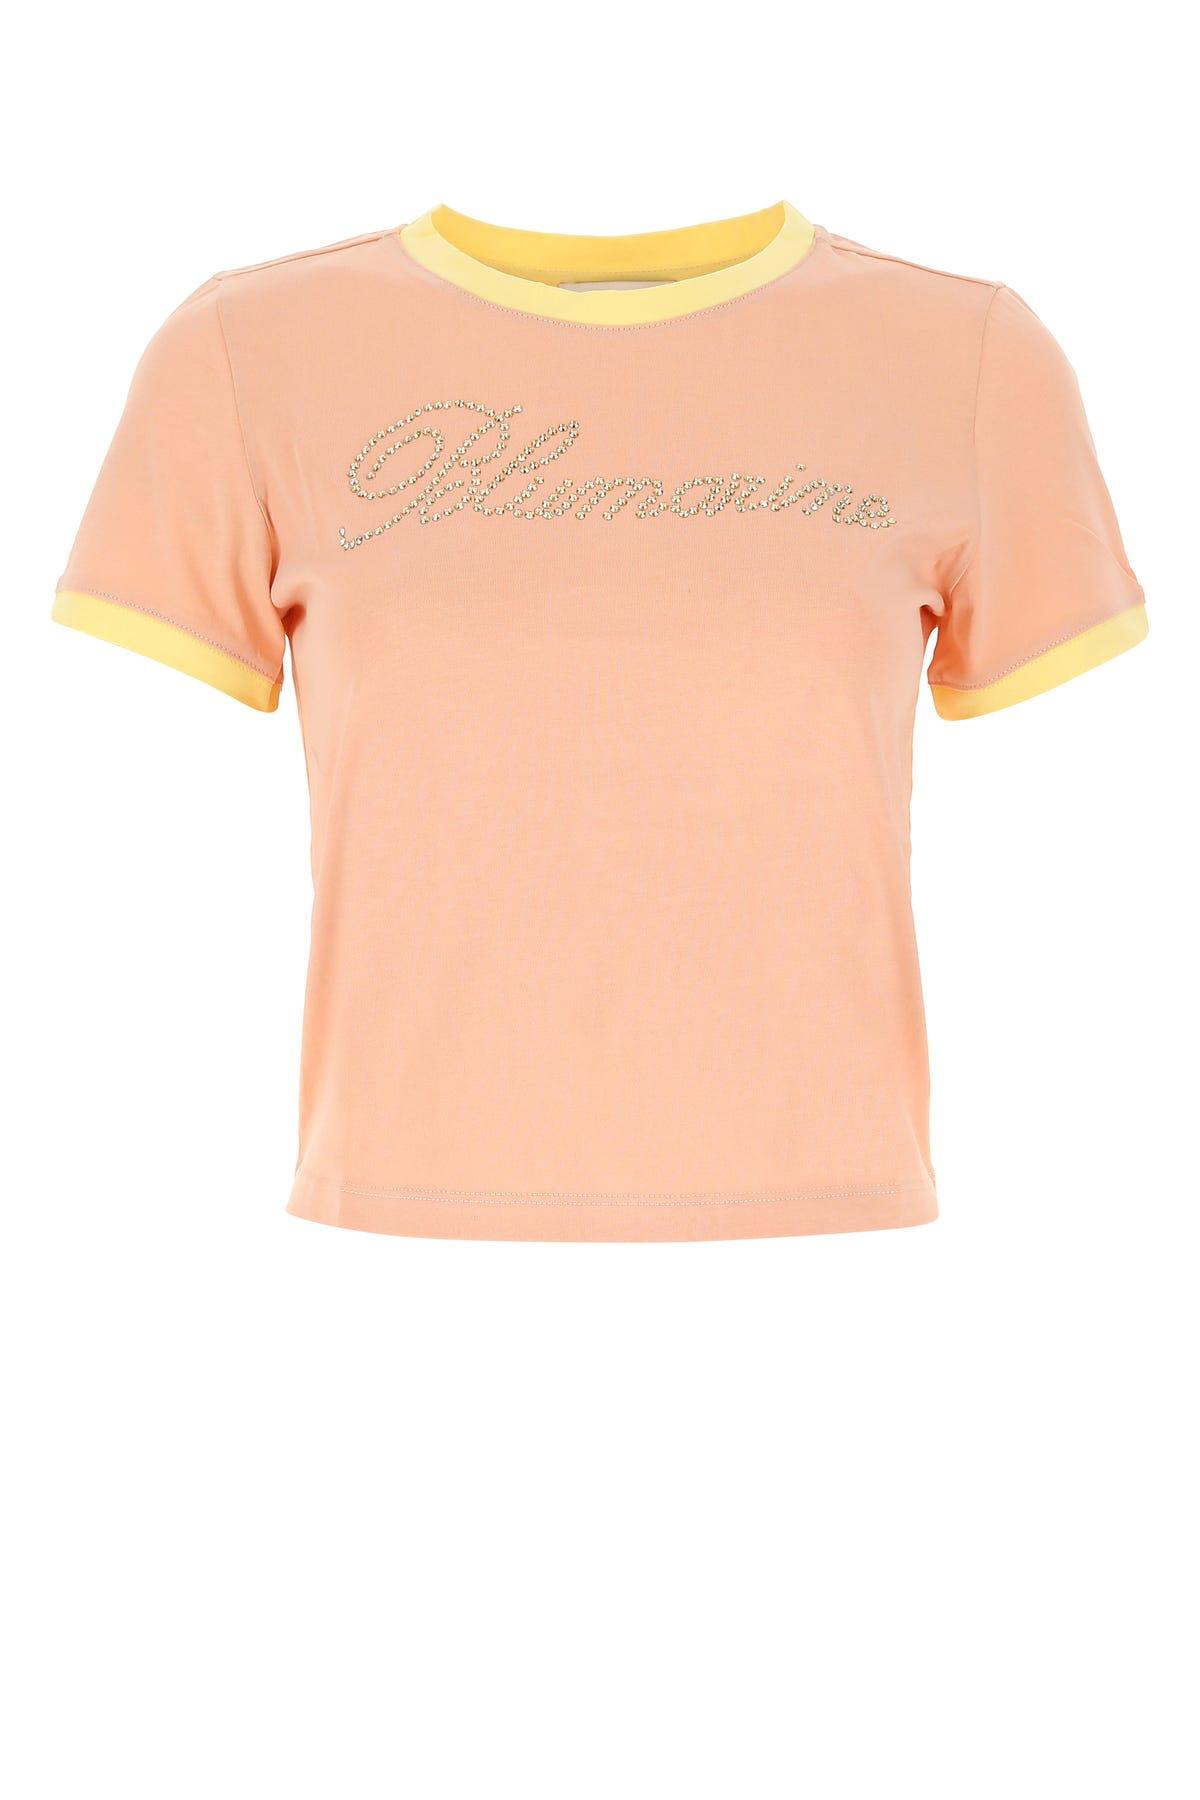 Blumarine POWDER PINK COTTON T-SHIRT  PINK BLUMARINE DONNA 44